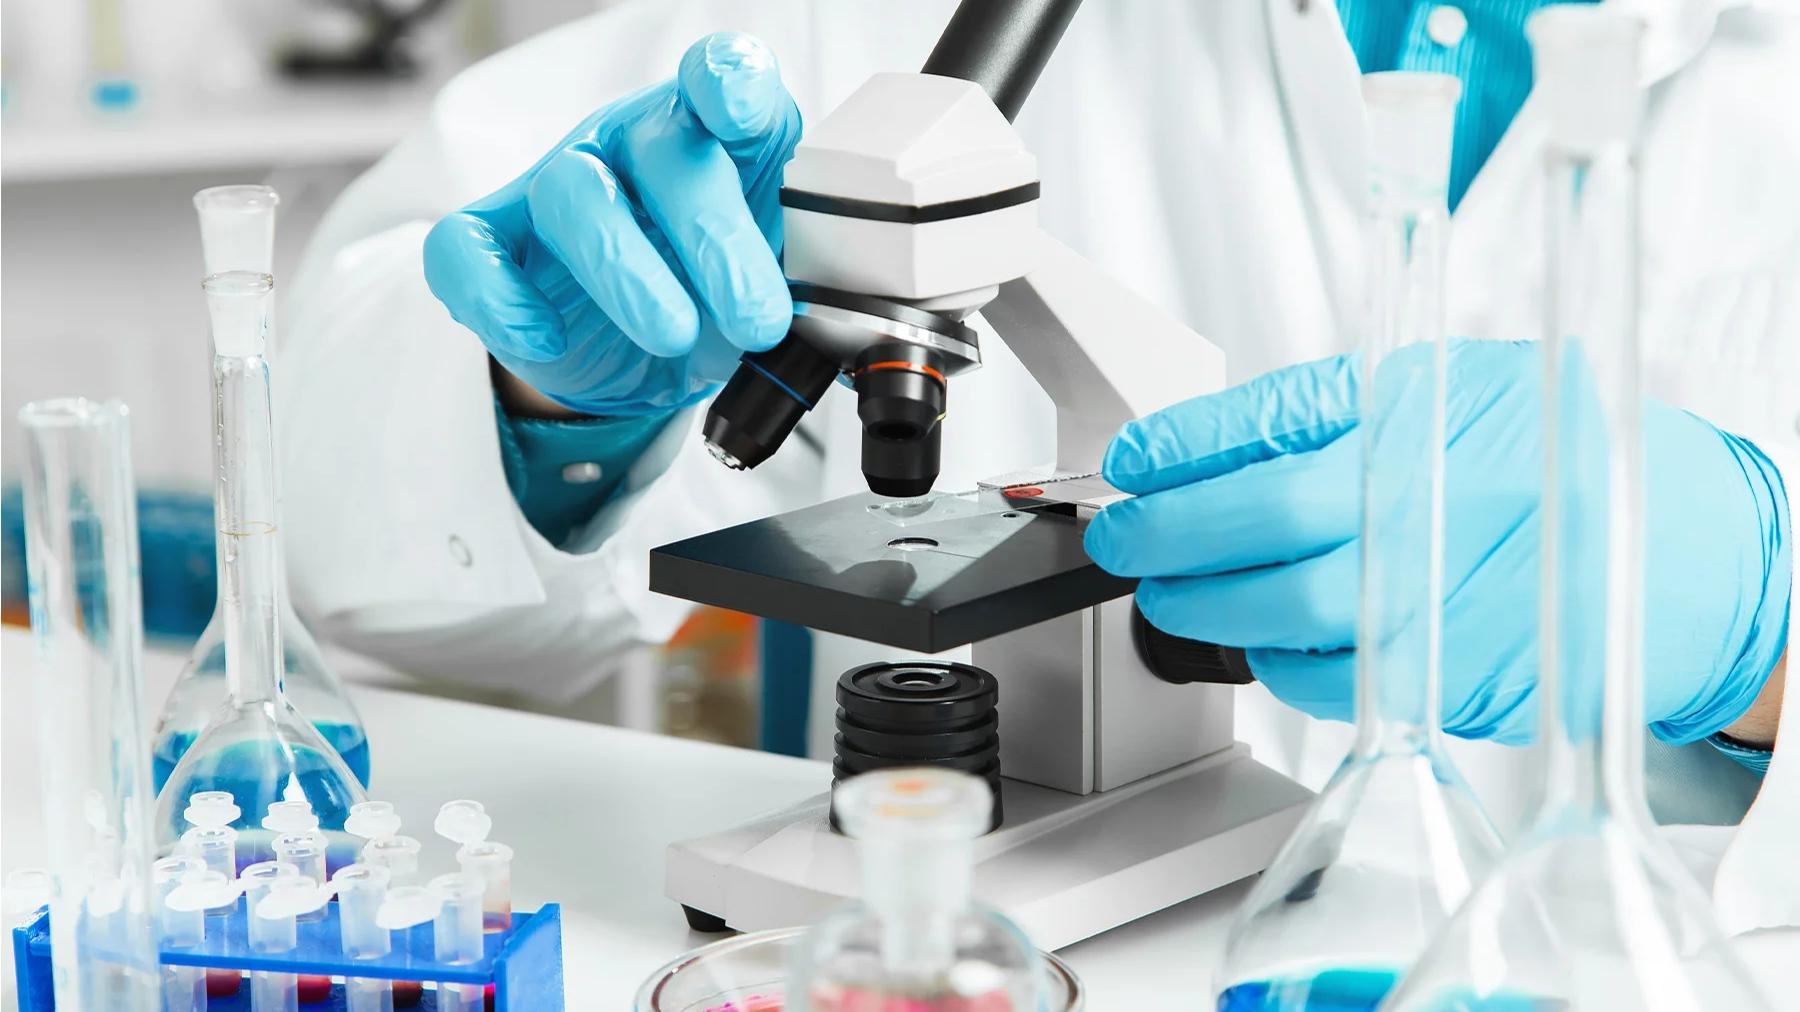 COVID-19: Favipiravir, medicamentul antigripal eficient împotriva infecțiilor cu SARS-CoV-2